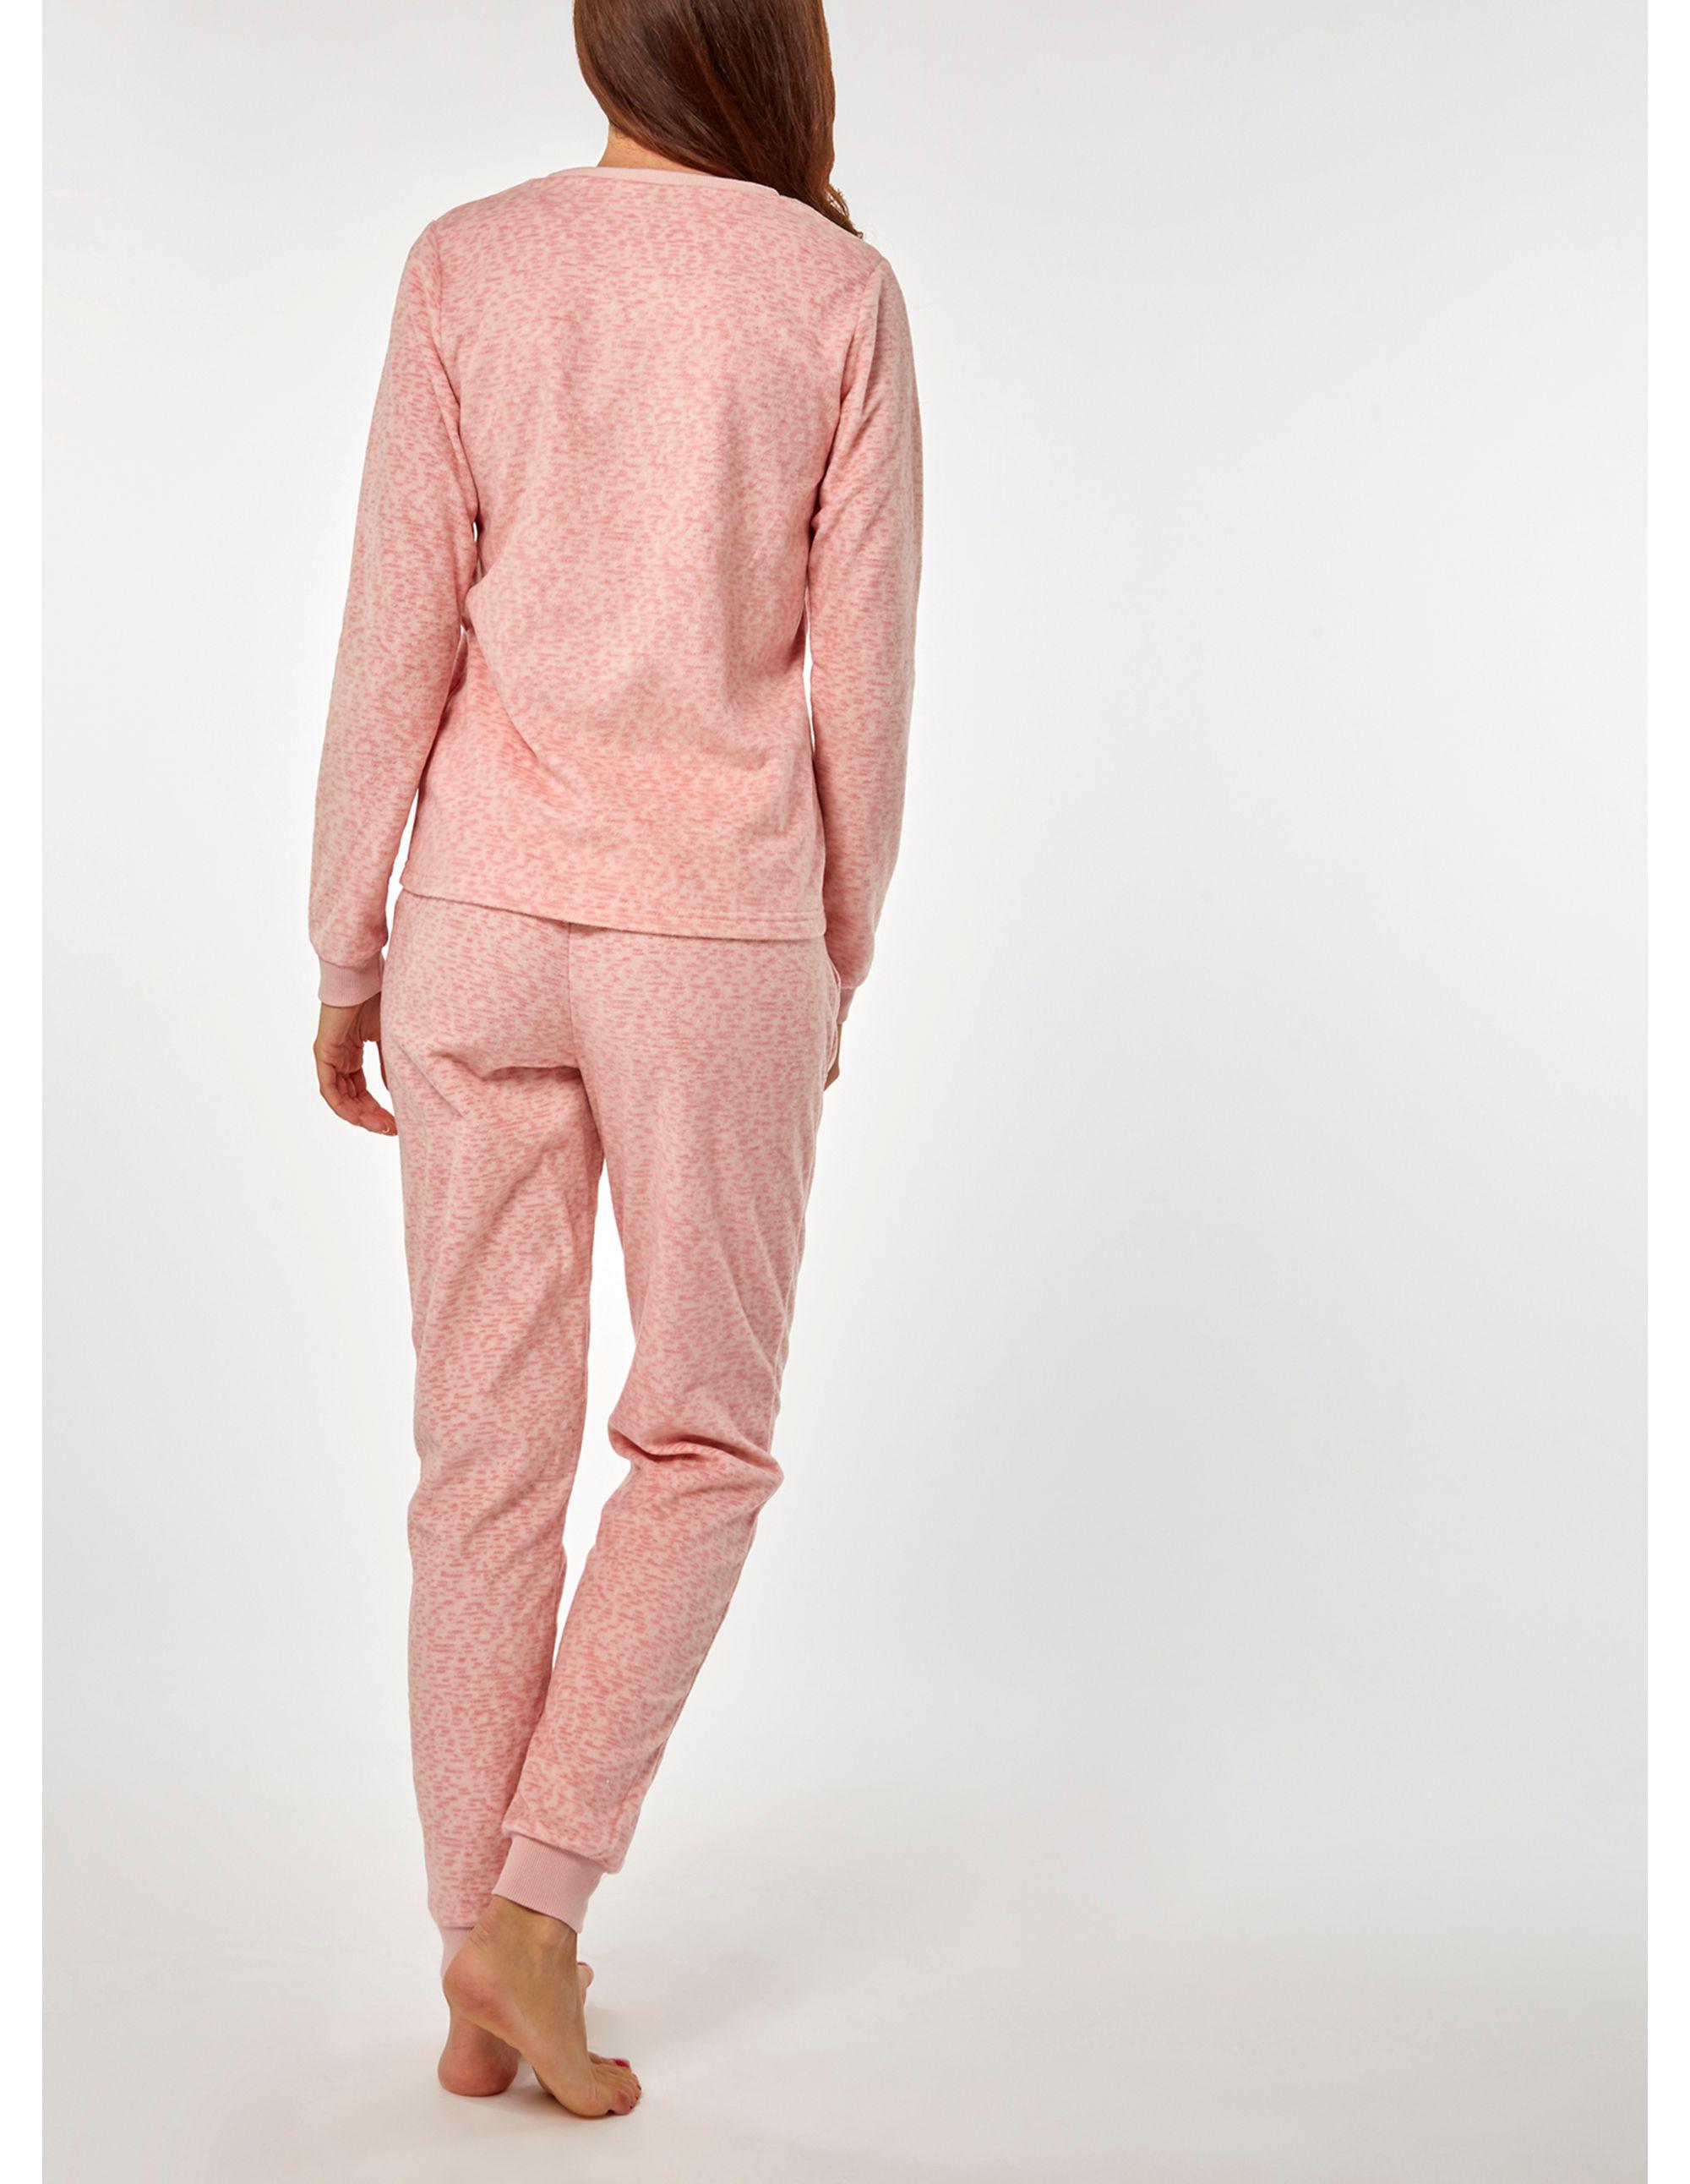 f8ec520286 Dorothy Perkins Head In The Clouds Twosie Pyjama Sets in Pink - Save  20.689655172413794% - Lyst